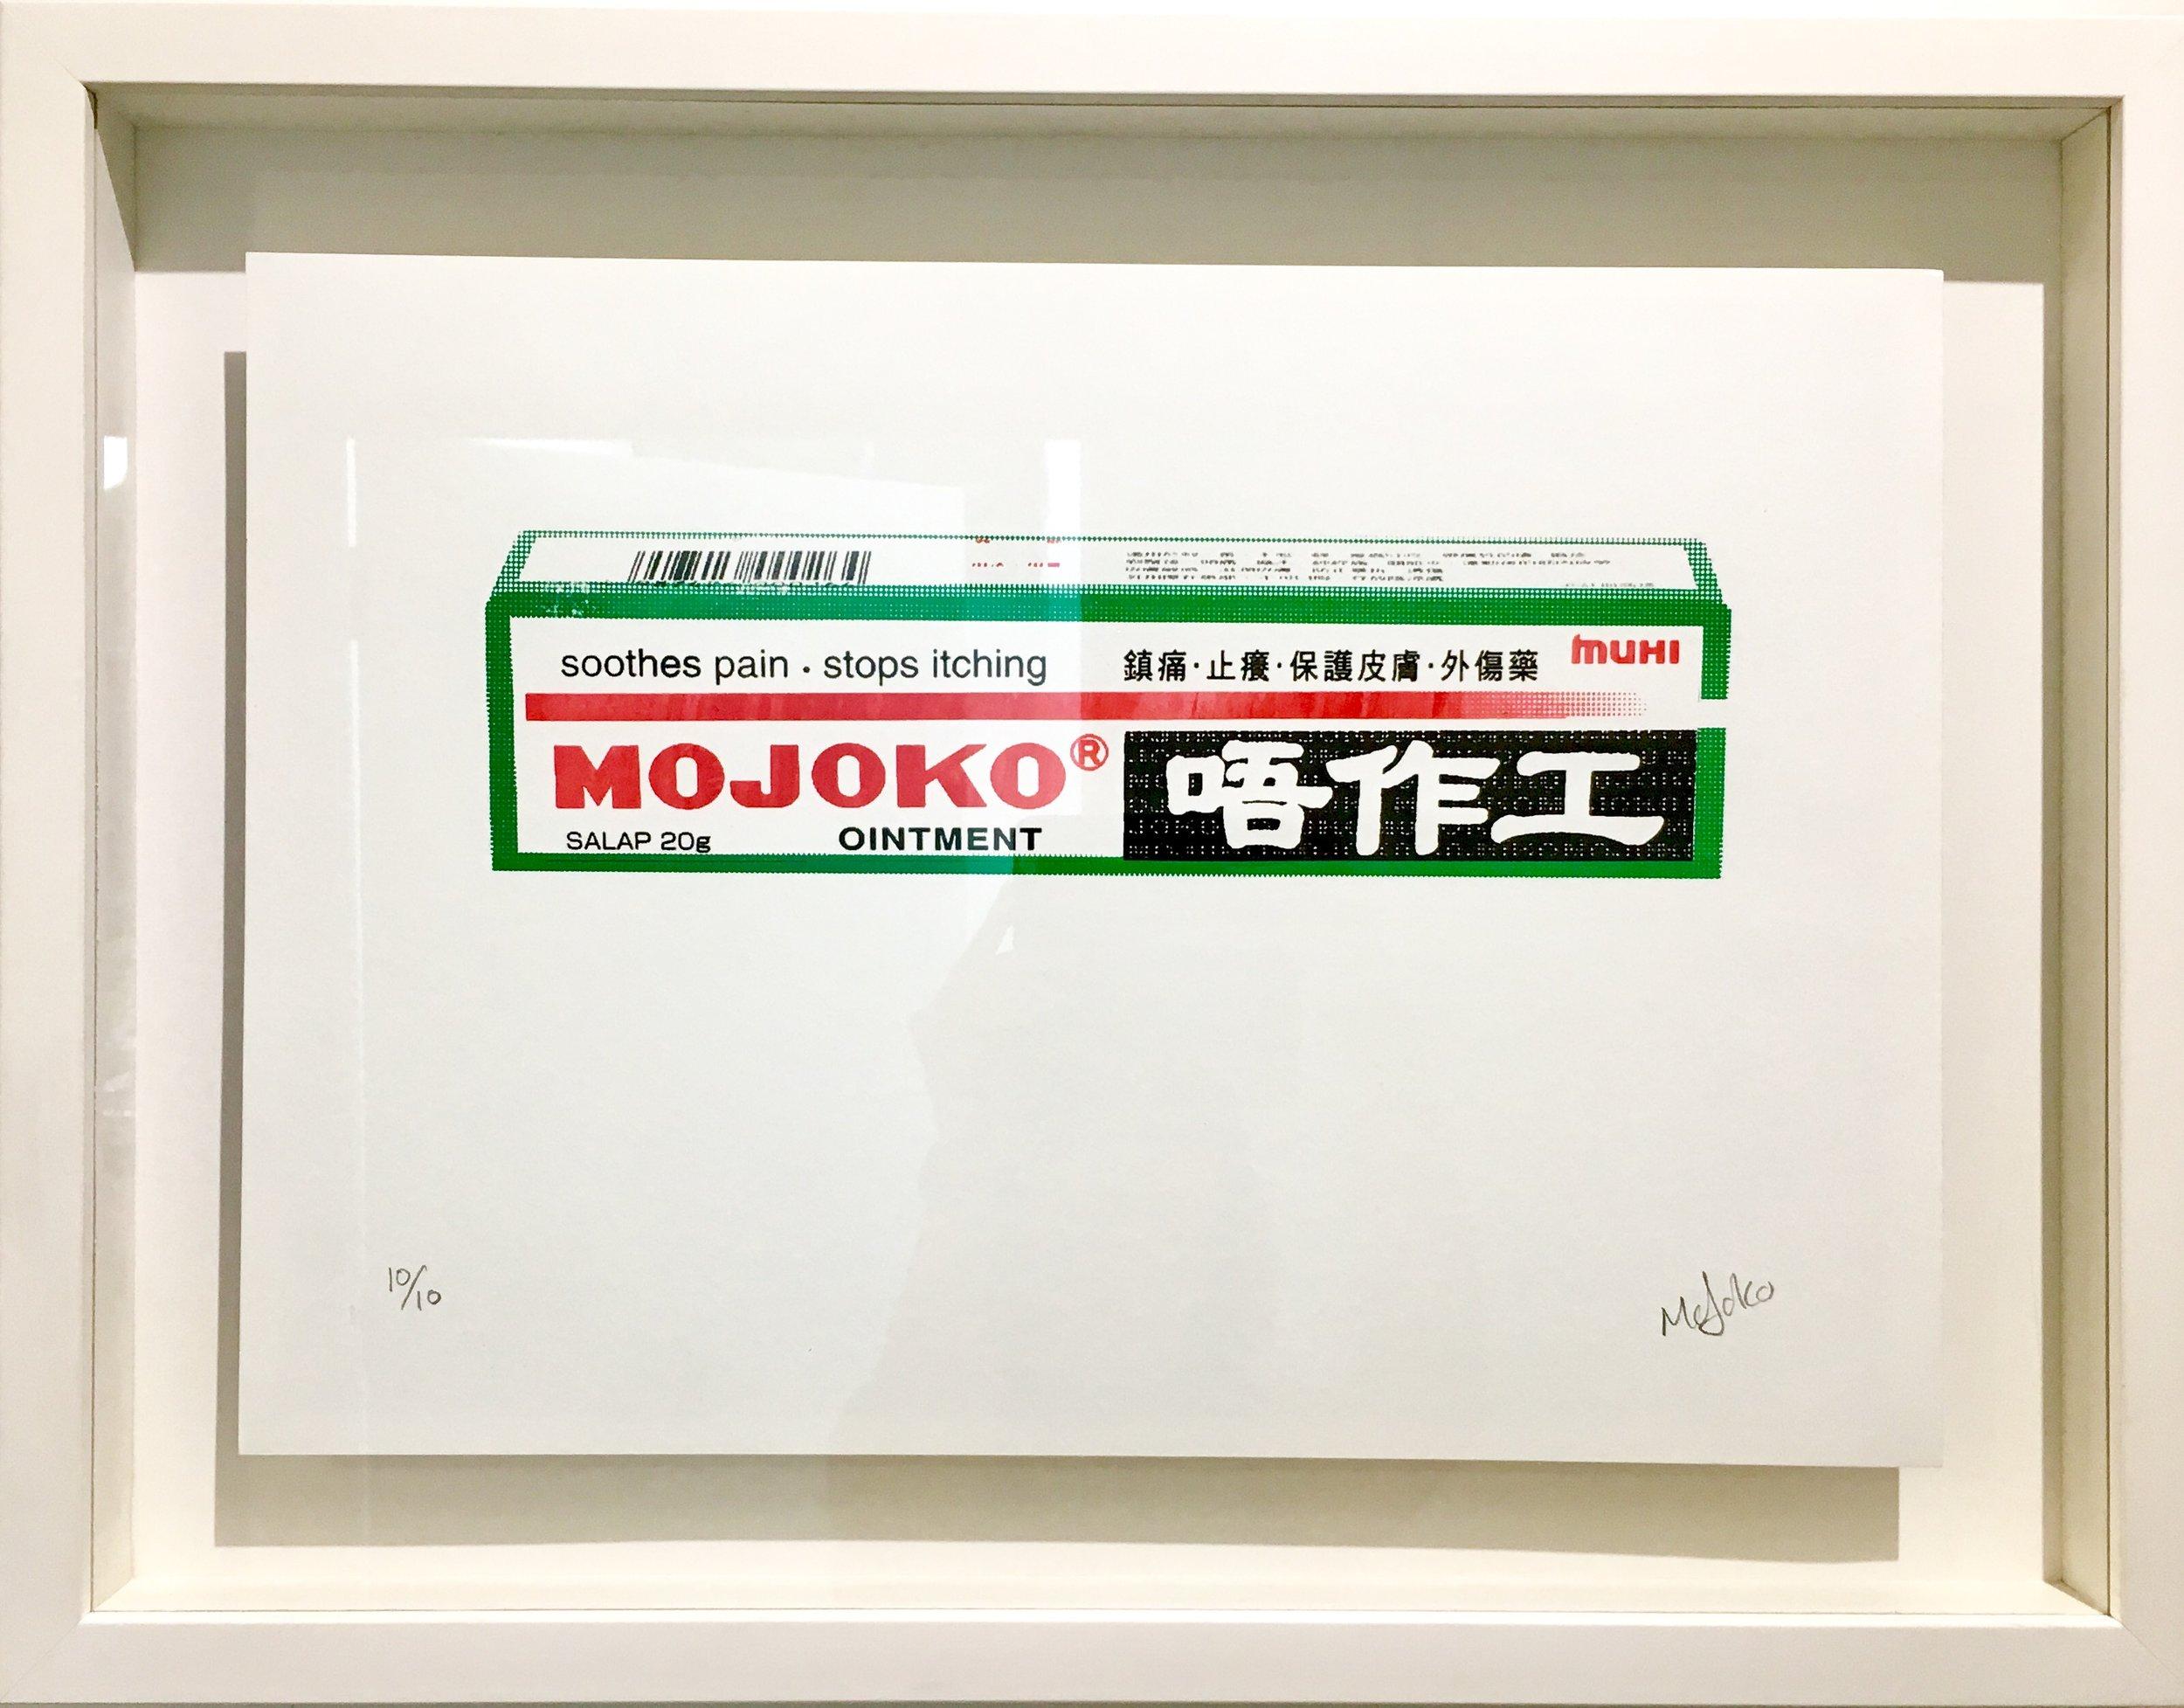 Mopiko